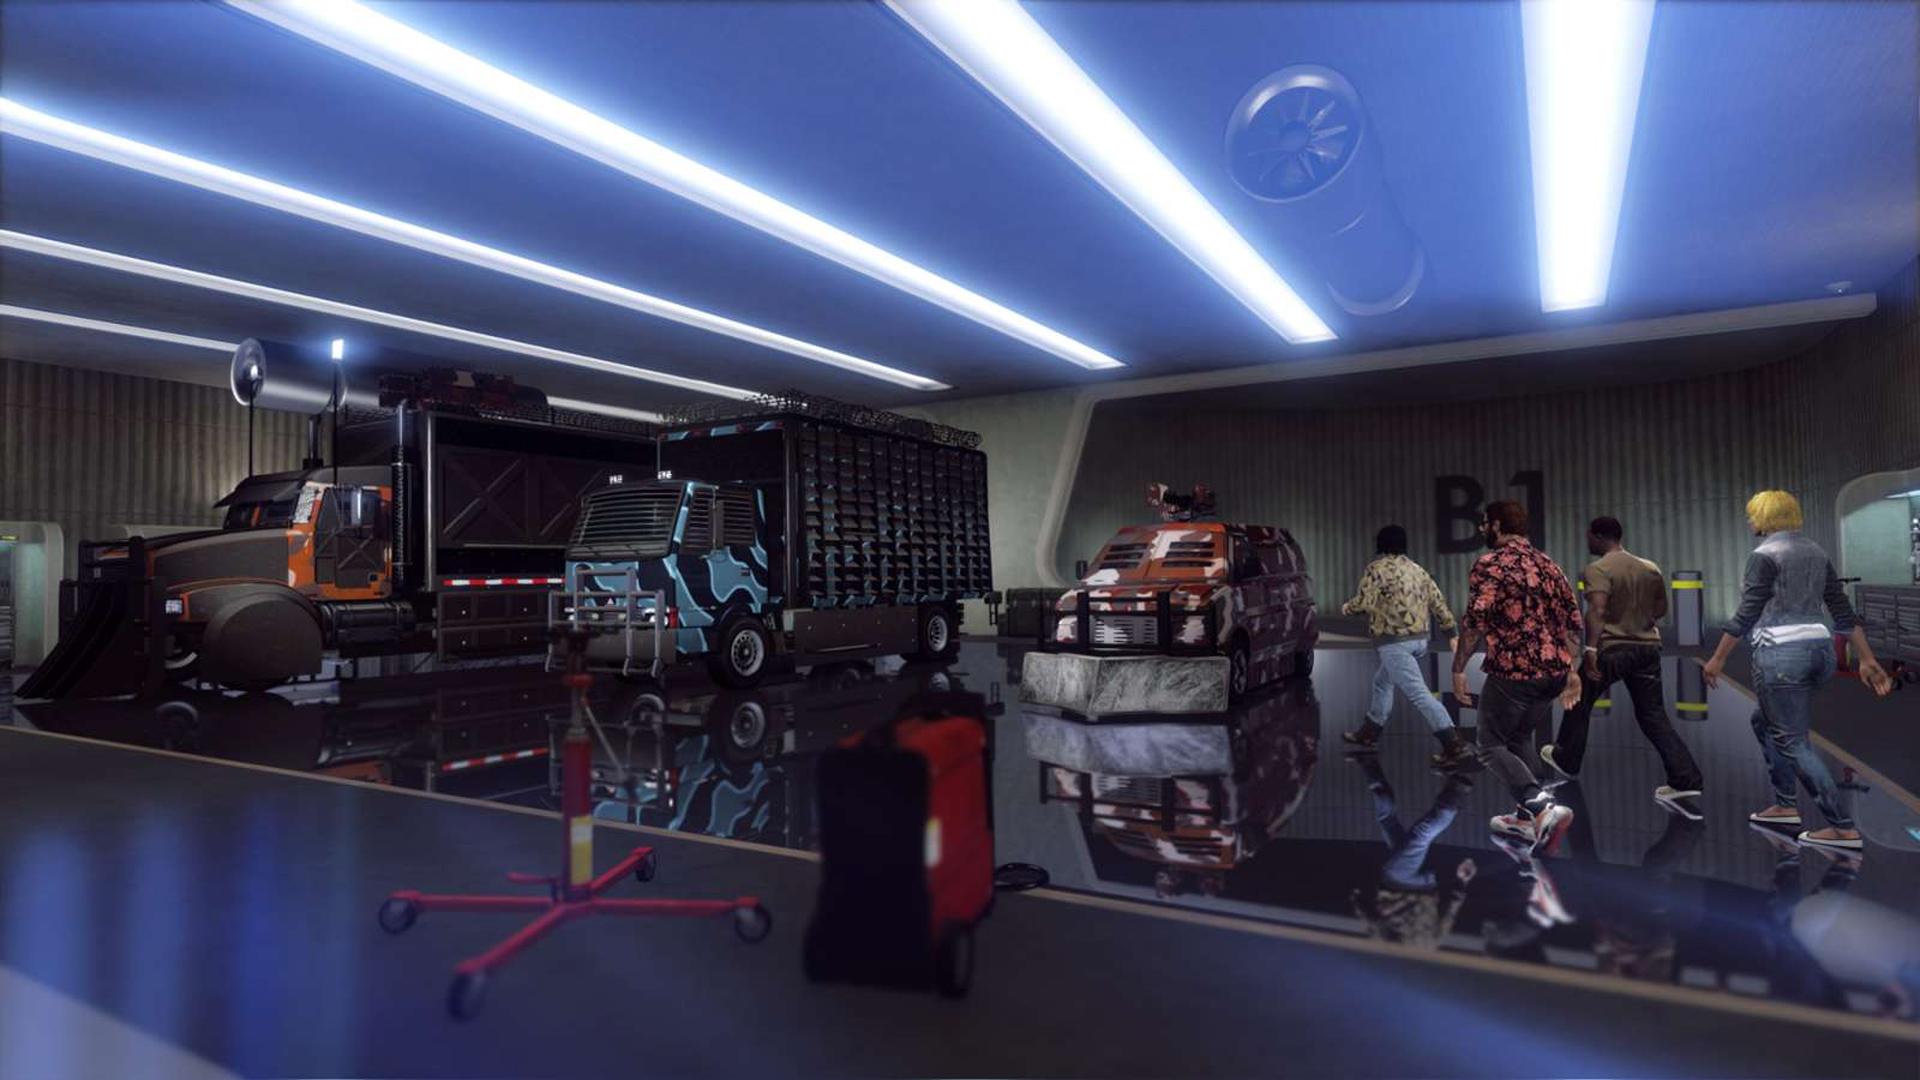 Что дает ночной клуб в гта онлайн фотоотчет из клубов москвы фото